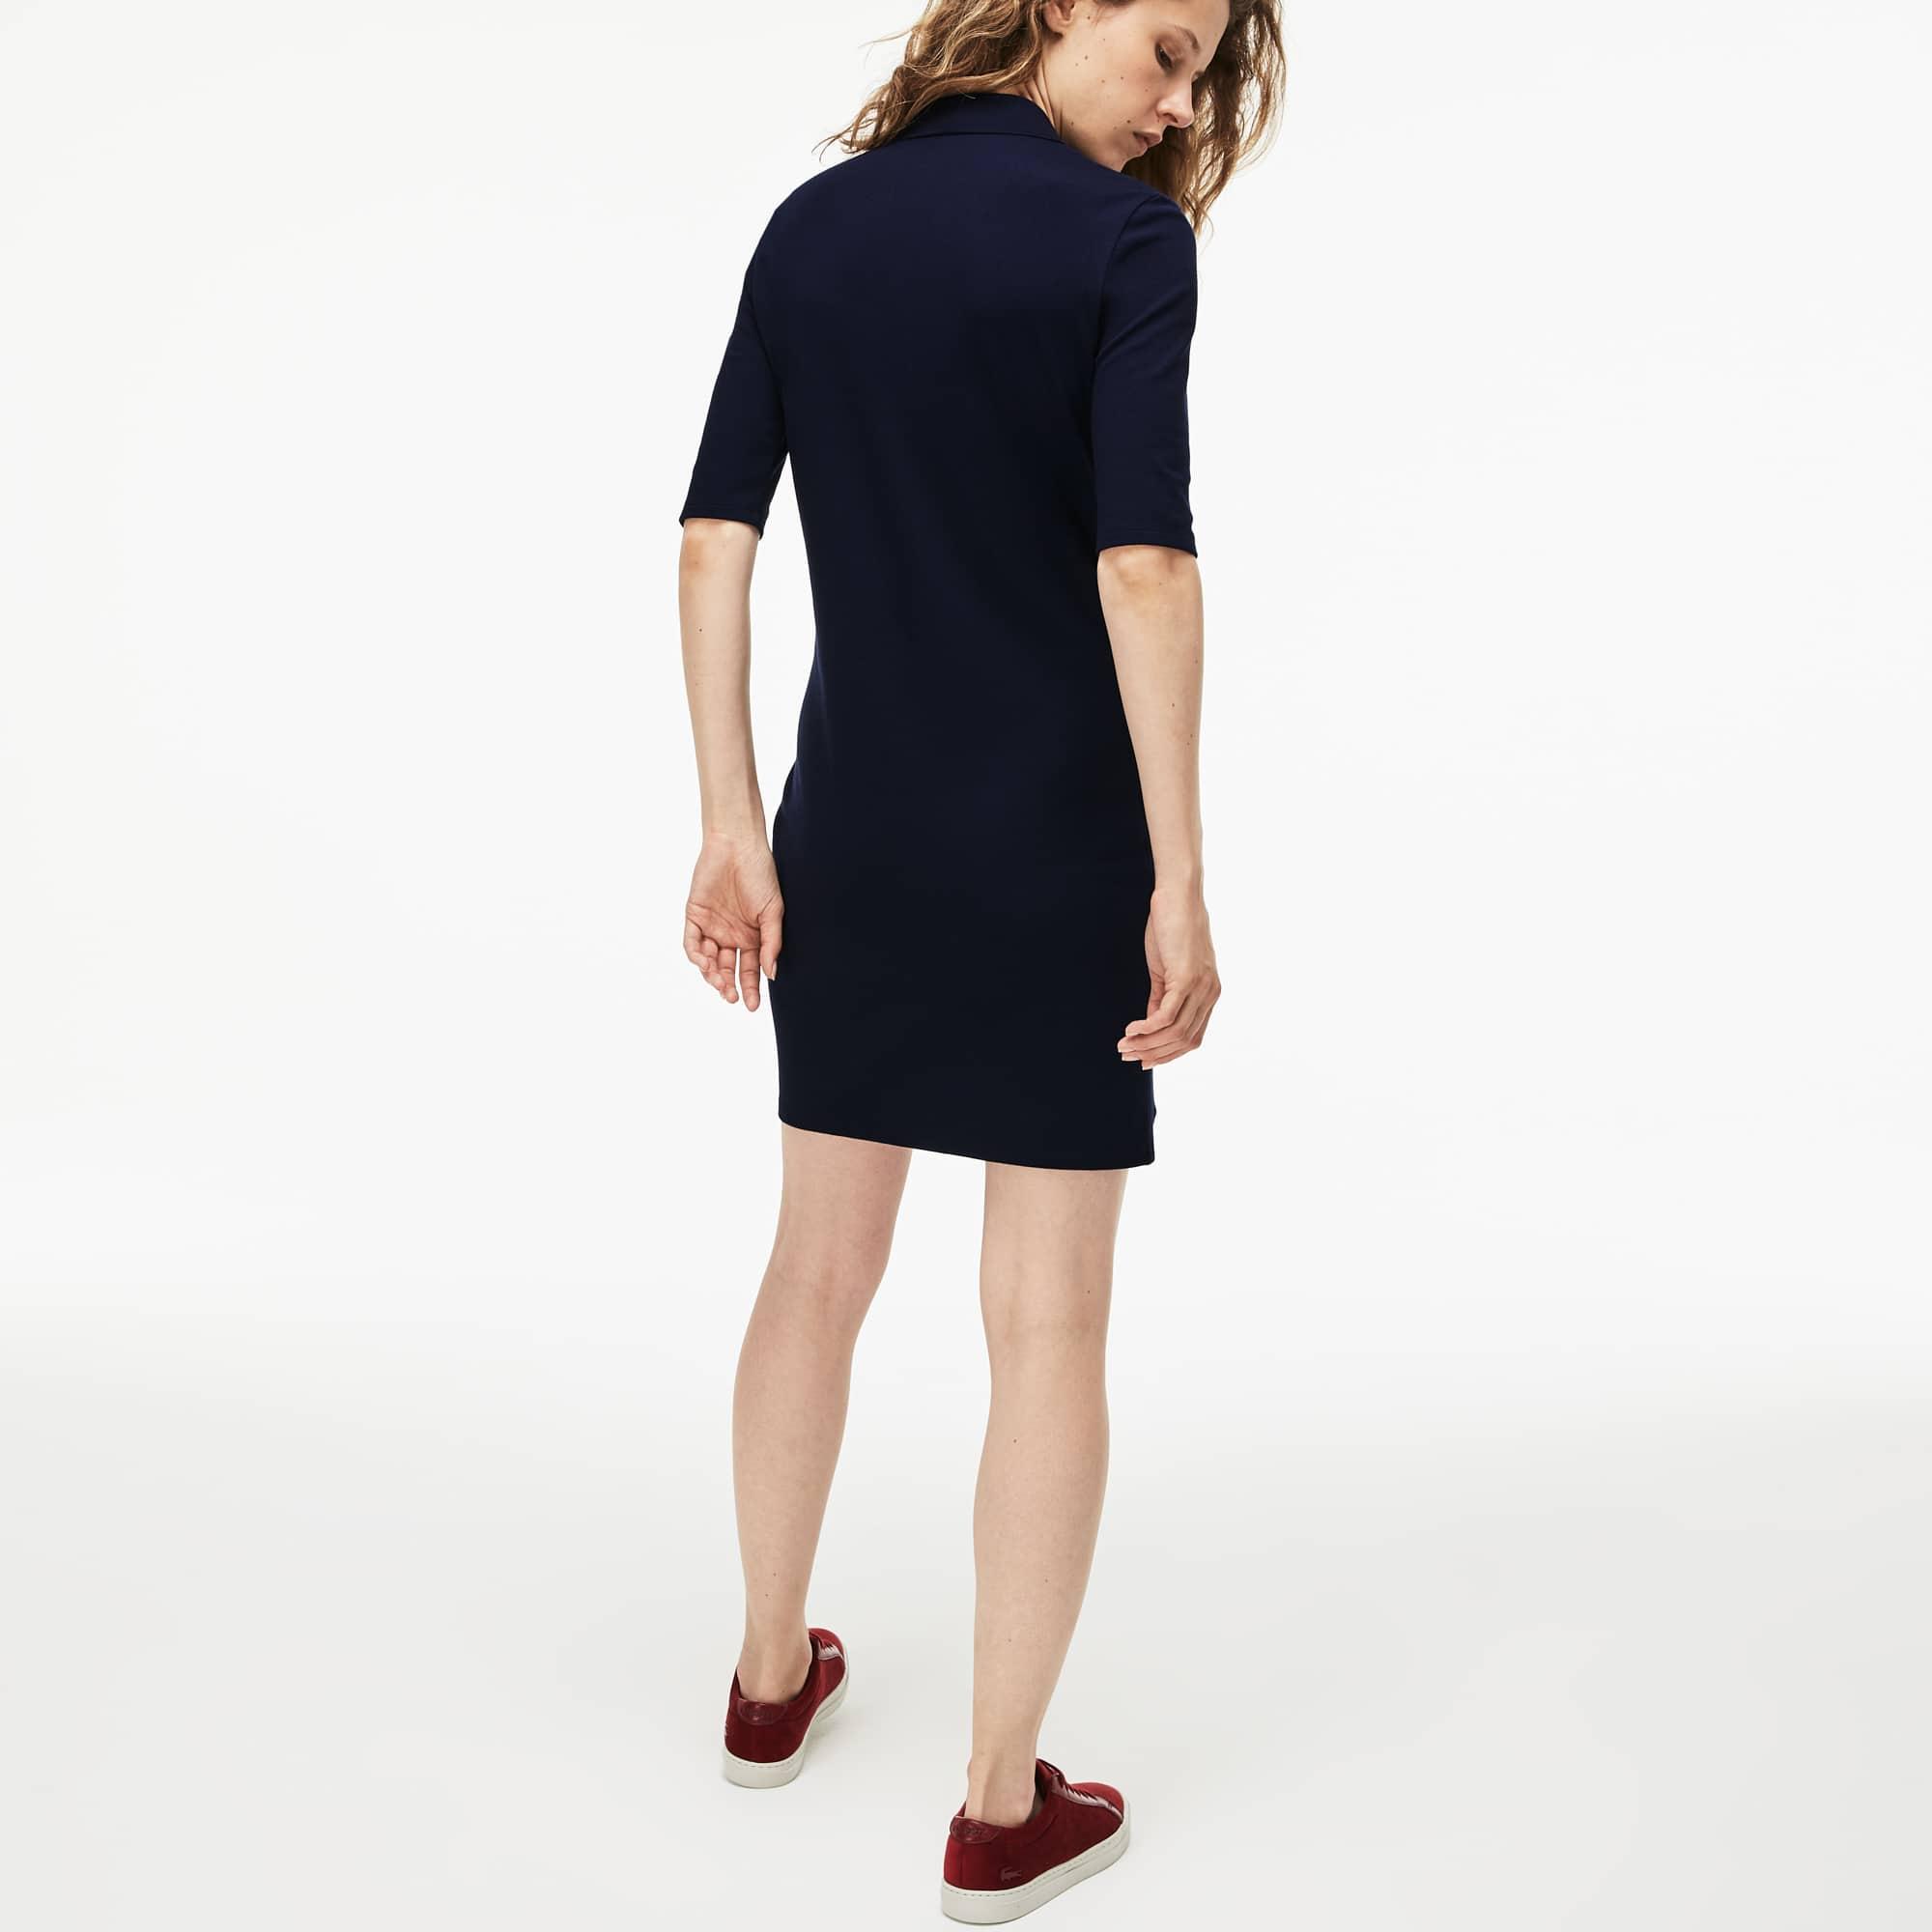 Lacoste - Slim Fit Damen-Polokleid aus Mini-Piqué mit Stretch - 3